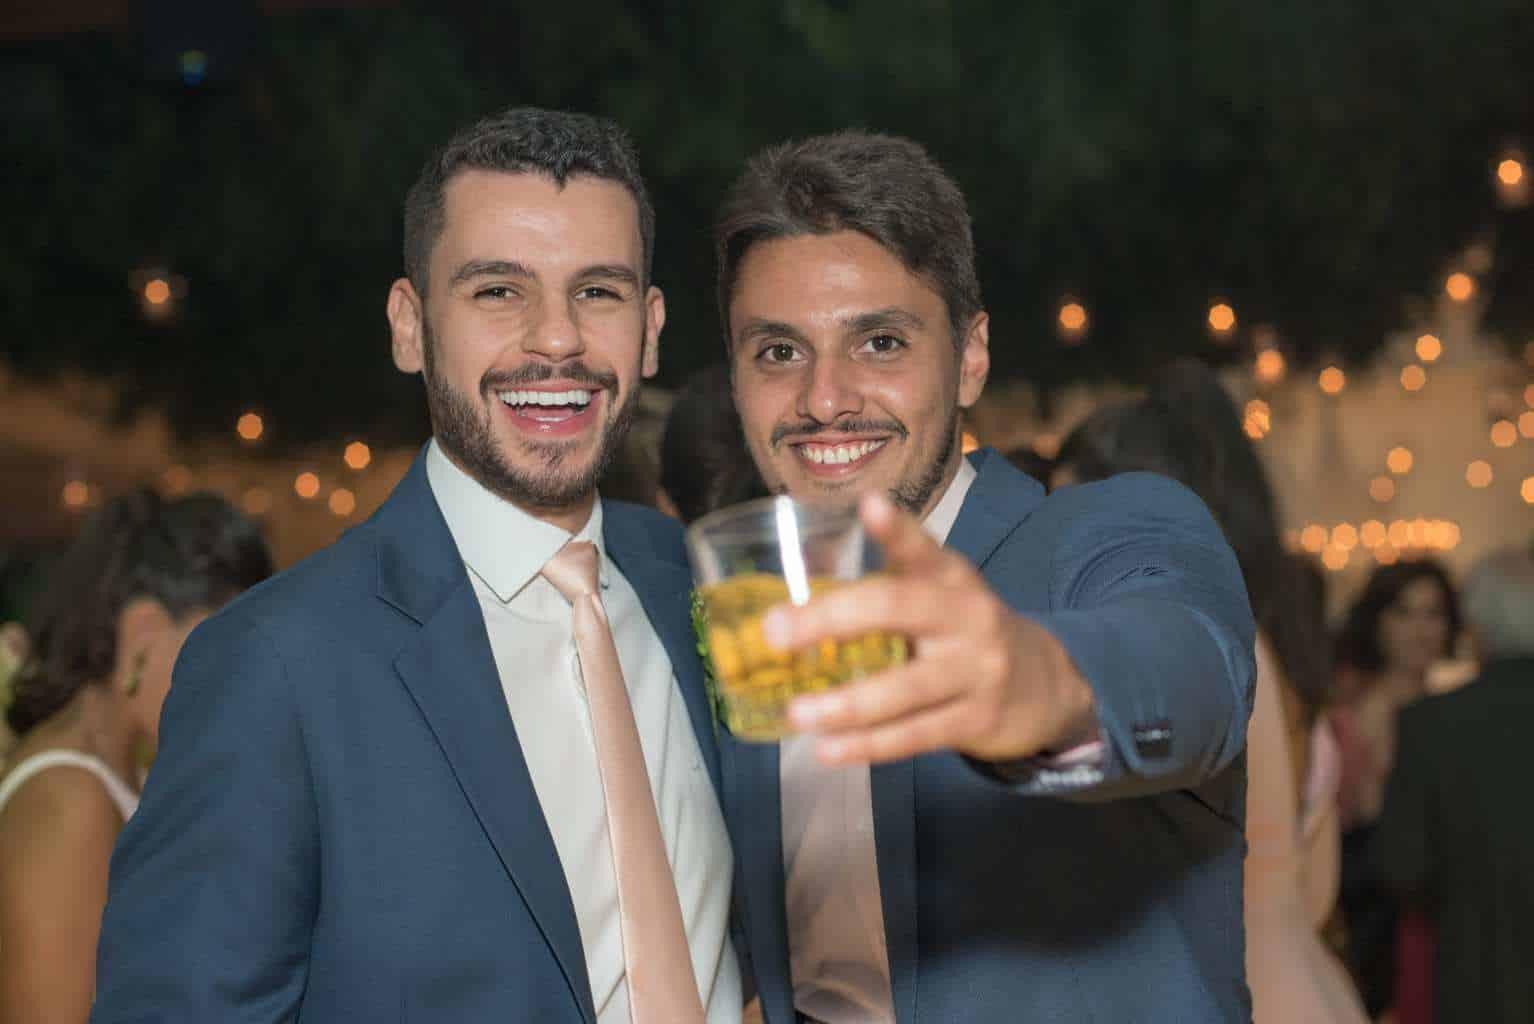 casamento-de-dia-casamento-Nicole-e-Thales-casamento-no-jardim-csasamento-ao-ar-livre-Fotografia-Marina-Fava-Galeria-Jardim-Rio-de-Janeiro-138